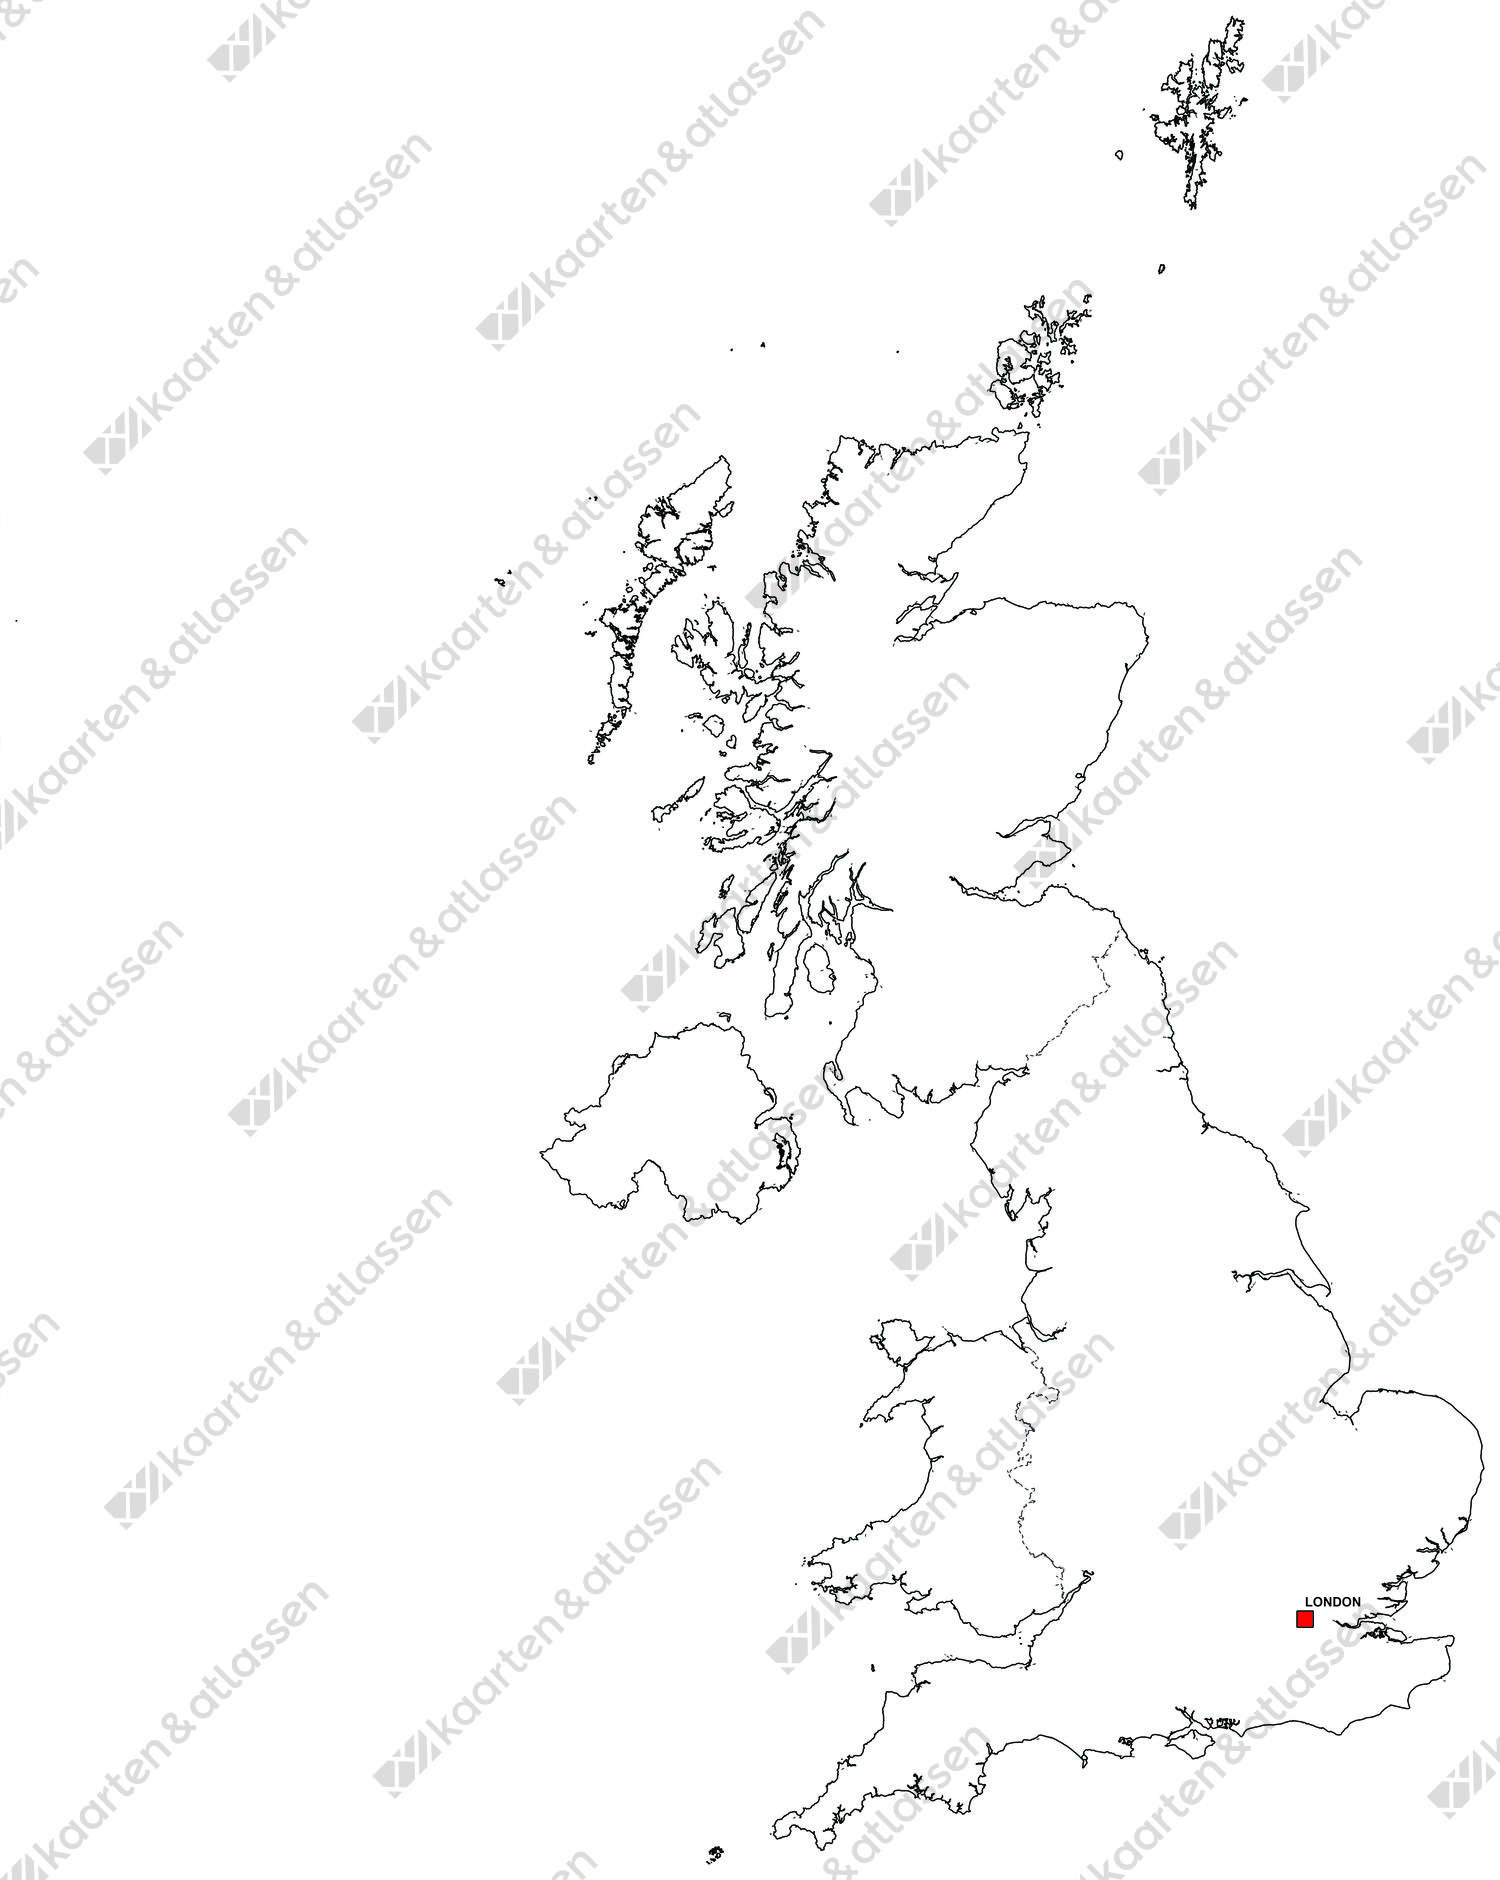 gratis digitale kaart Digitale Landkaart van Verenigd Koninkrijk (gratis) | Kaarten en